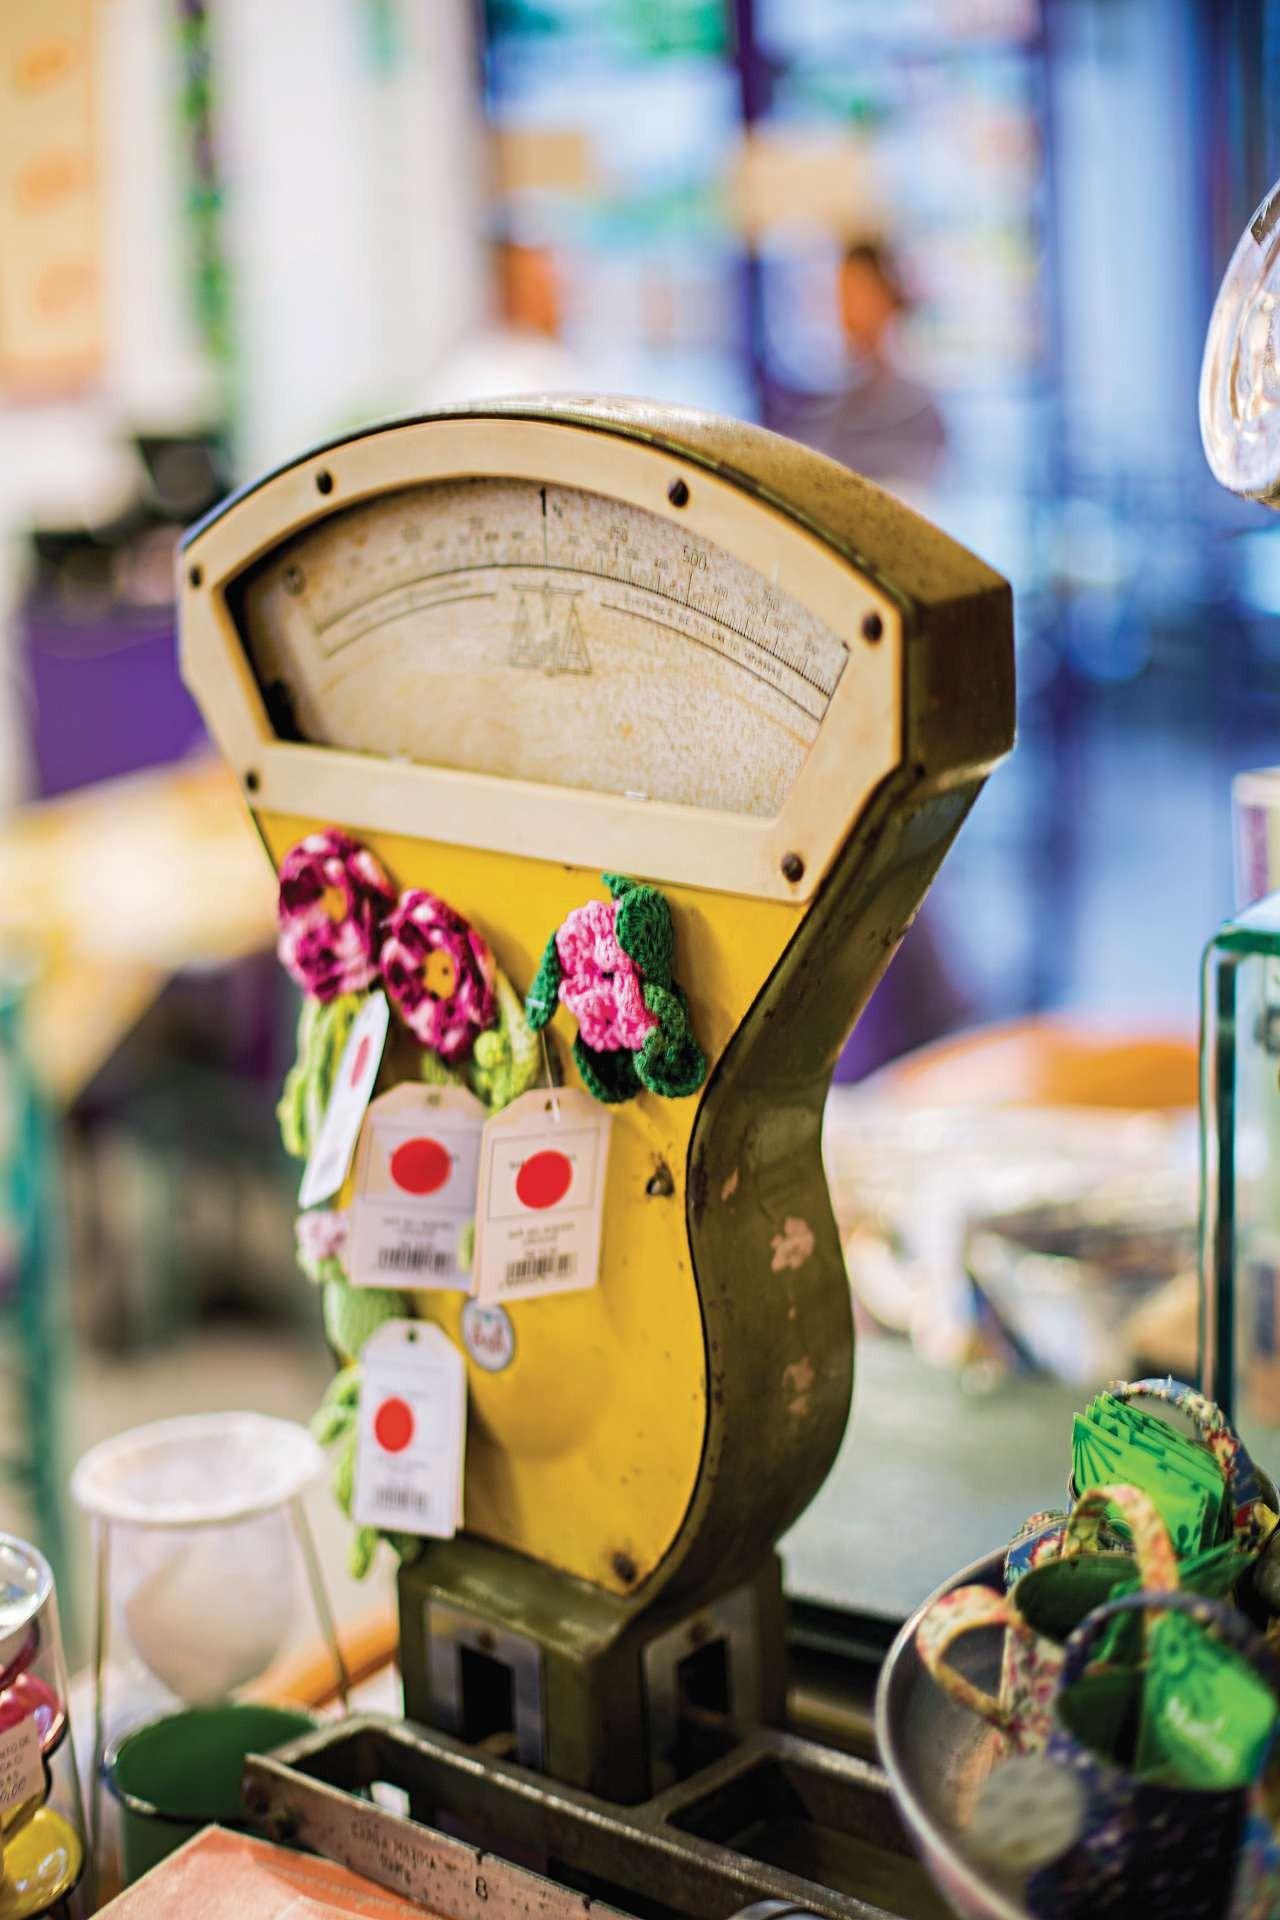 Broches de flores de crochê decoram a balança antiga, exposta no Lá da Venda da Vila Madalena. Do cardápio aos objetos, tudo tem o toque caseiro da Helô (Foto: Rogério Voltan/Editora Globo)